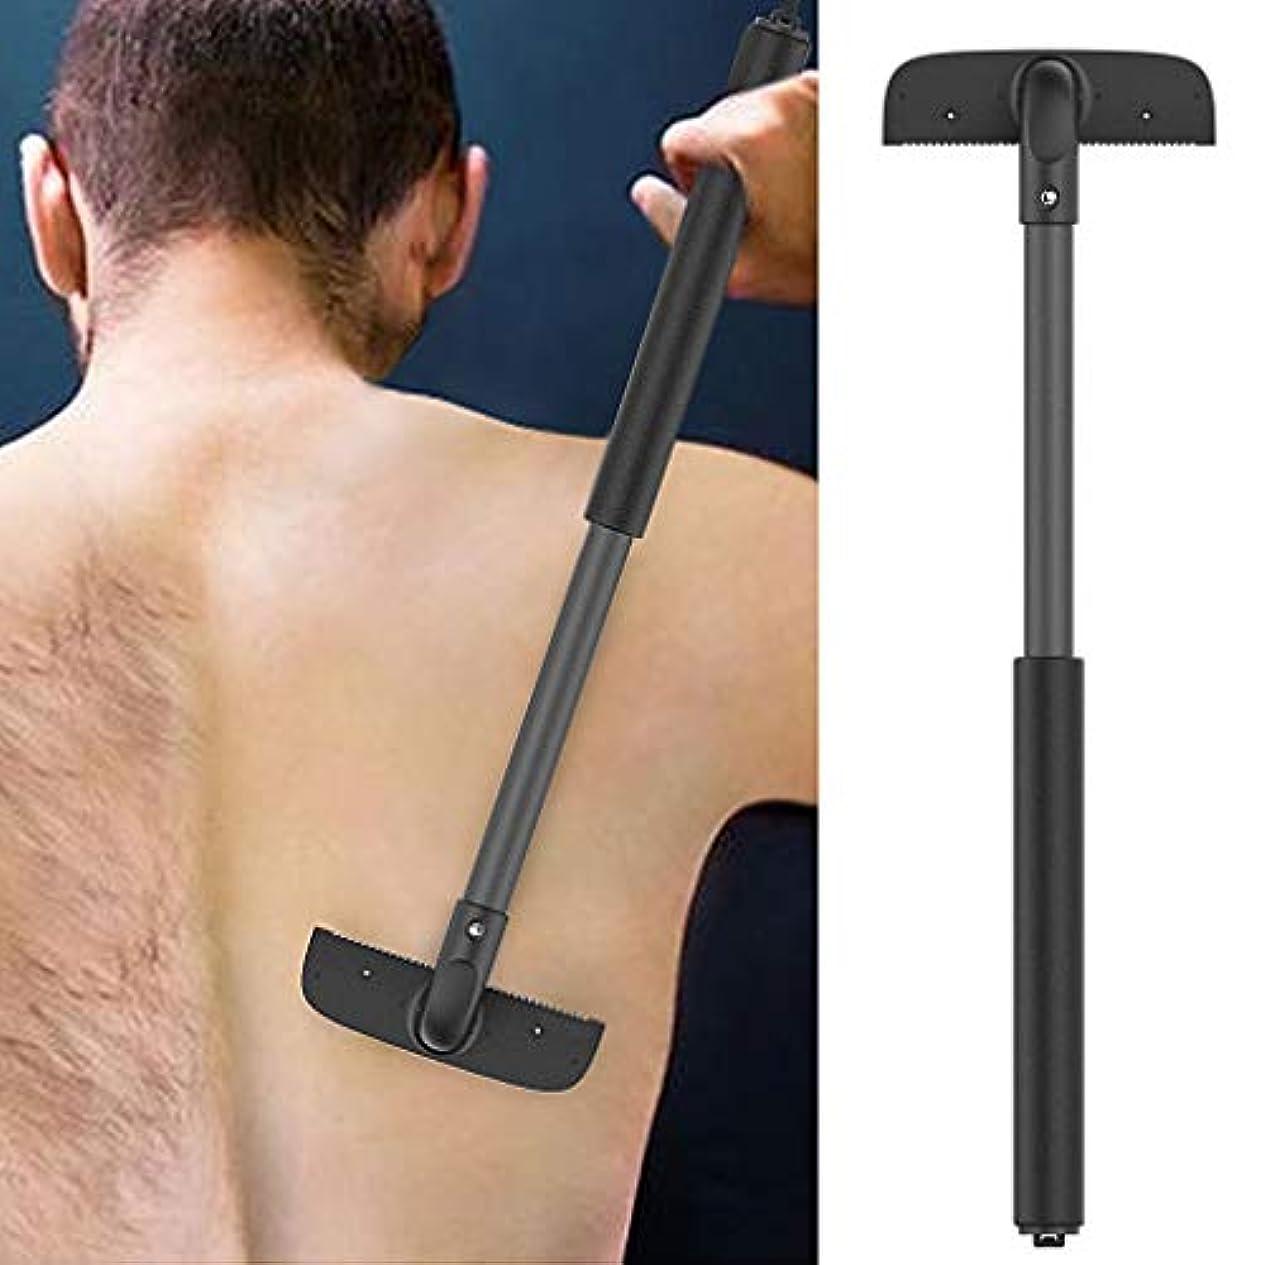 収まる一晩クリークBack Hair Removal And Body Shaver、バックヘアとボディシェーバー、男性のための剃刀、調節可能なハンドル、伸縮可能なトリマー剃刀脱毛装置 除毛 ムダ毛処理